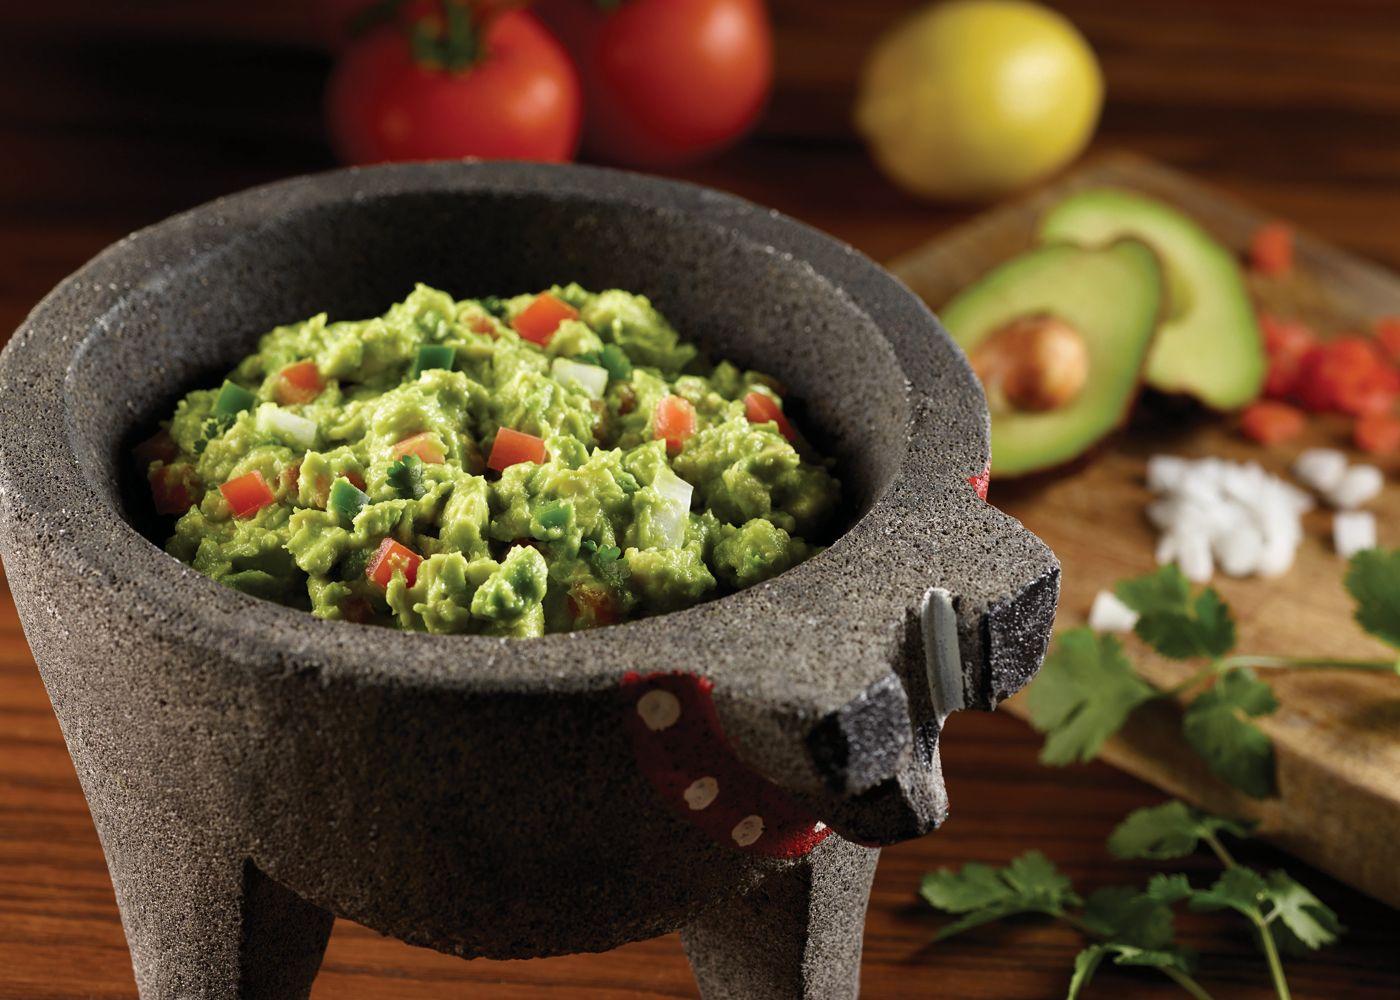 Pendant le Mois du patrimoine hispanique, célébrez la Journée nationale du guacamole chez l'oncle Julio